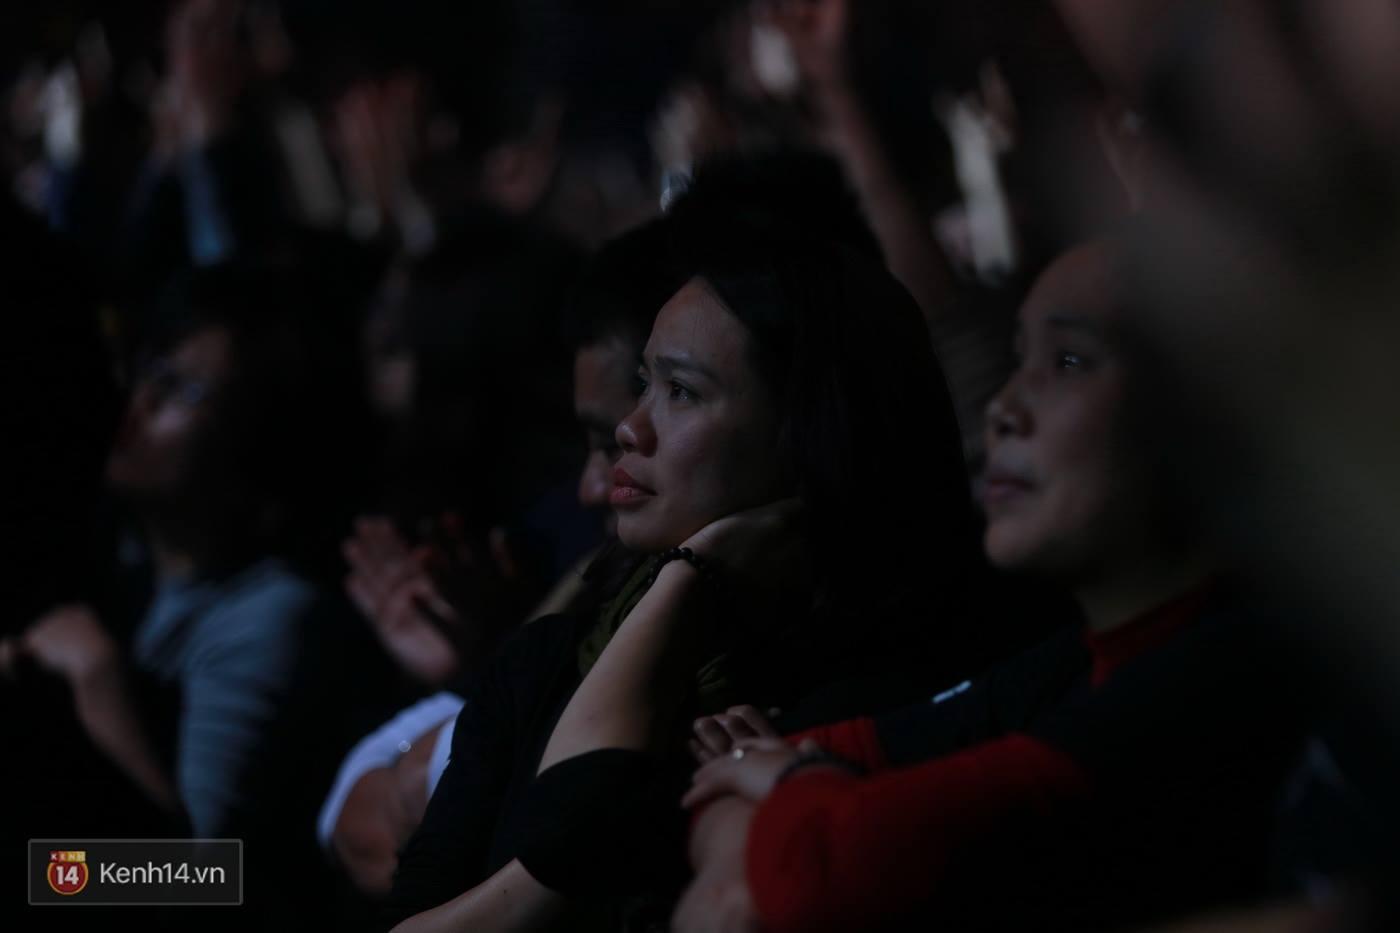 Sao Việt:  Vợ Trần Lập nghẹn ngào khi giọng chồng cất lên trong ca khúc